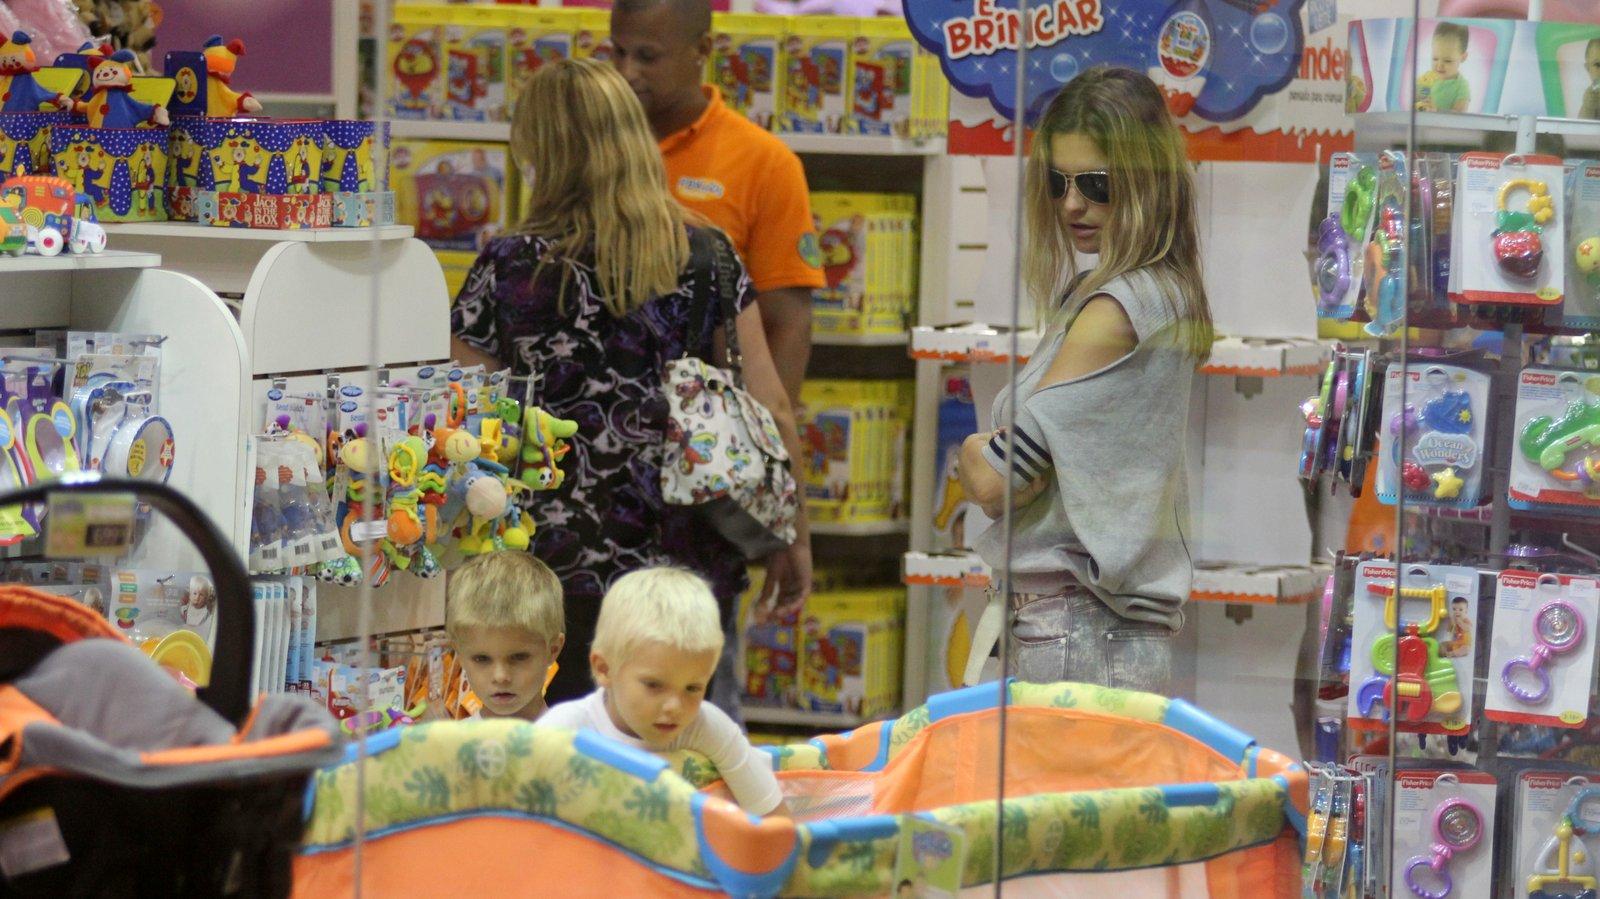 Fernanda Lima e os filhos gêmeos, João e Francisco, em uma loja de brinquedos num shopping na Barra da Tijuca, Zona Oeste do Rio. Os meninos exibiram cabelos mais curtinhos